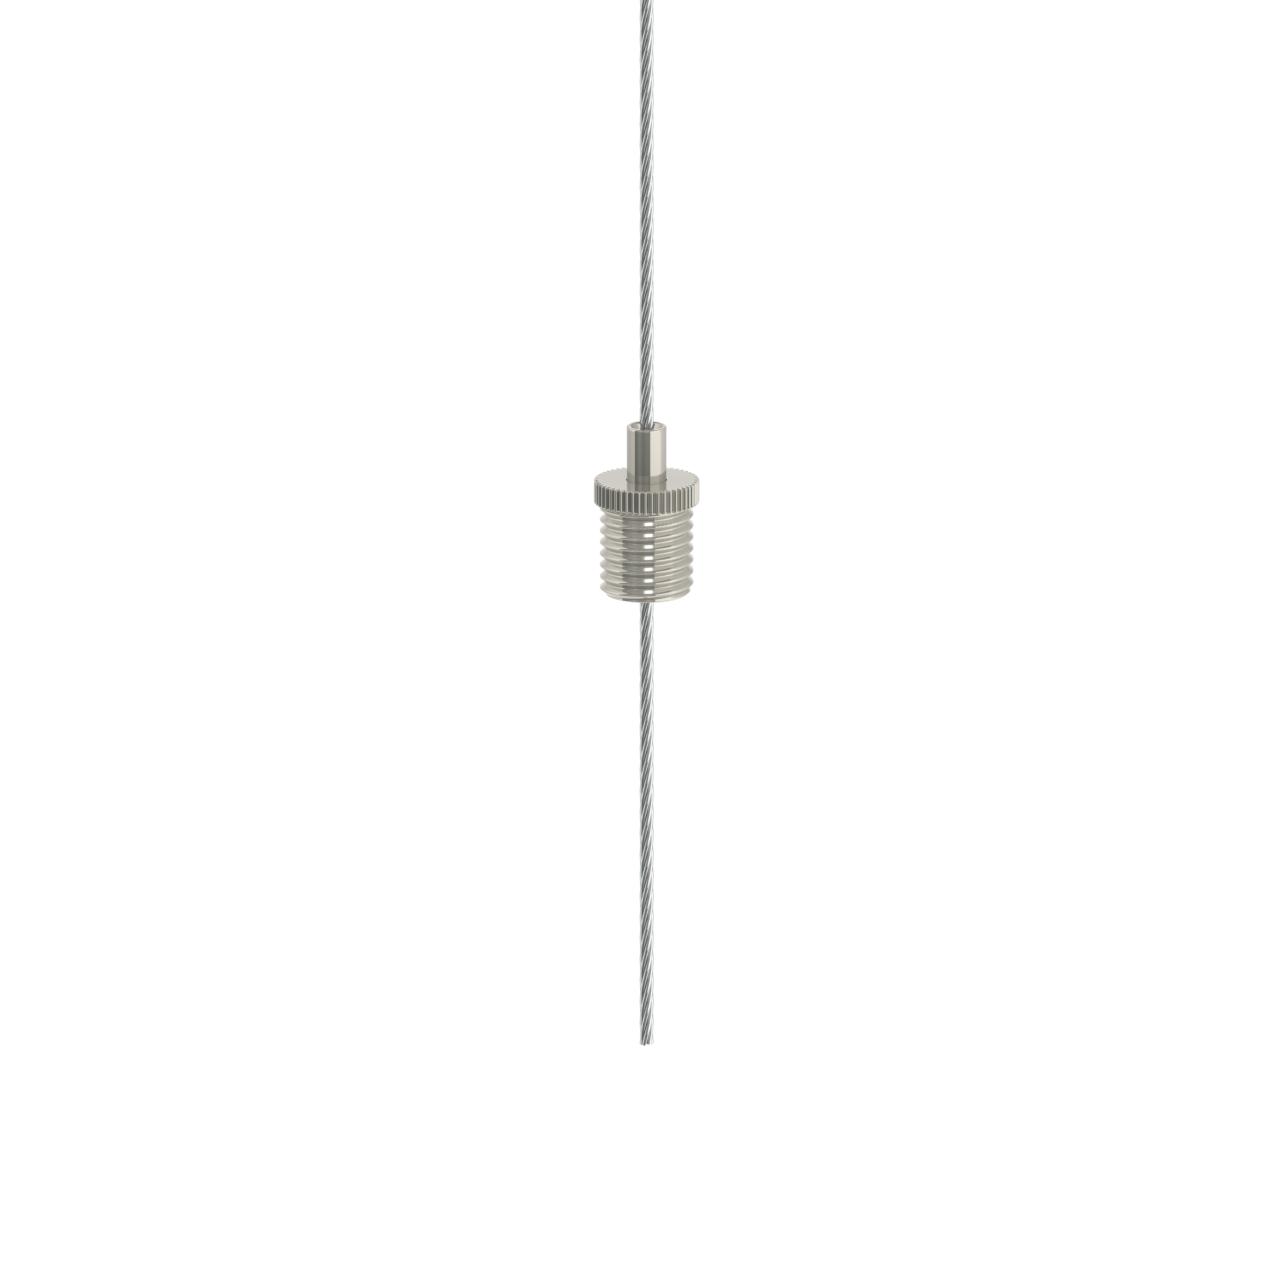 Drahtseilhalter Gripper 12 / M8x1 Gewinde - vernickelt-19501202